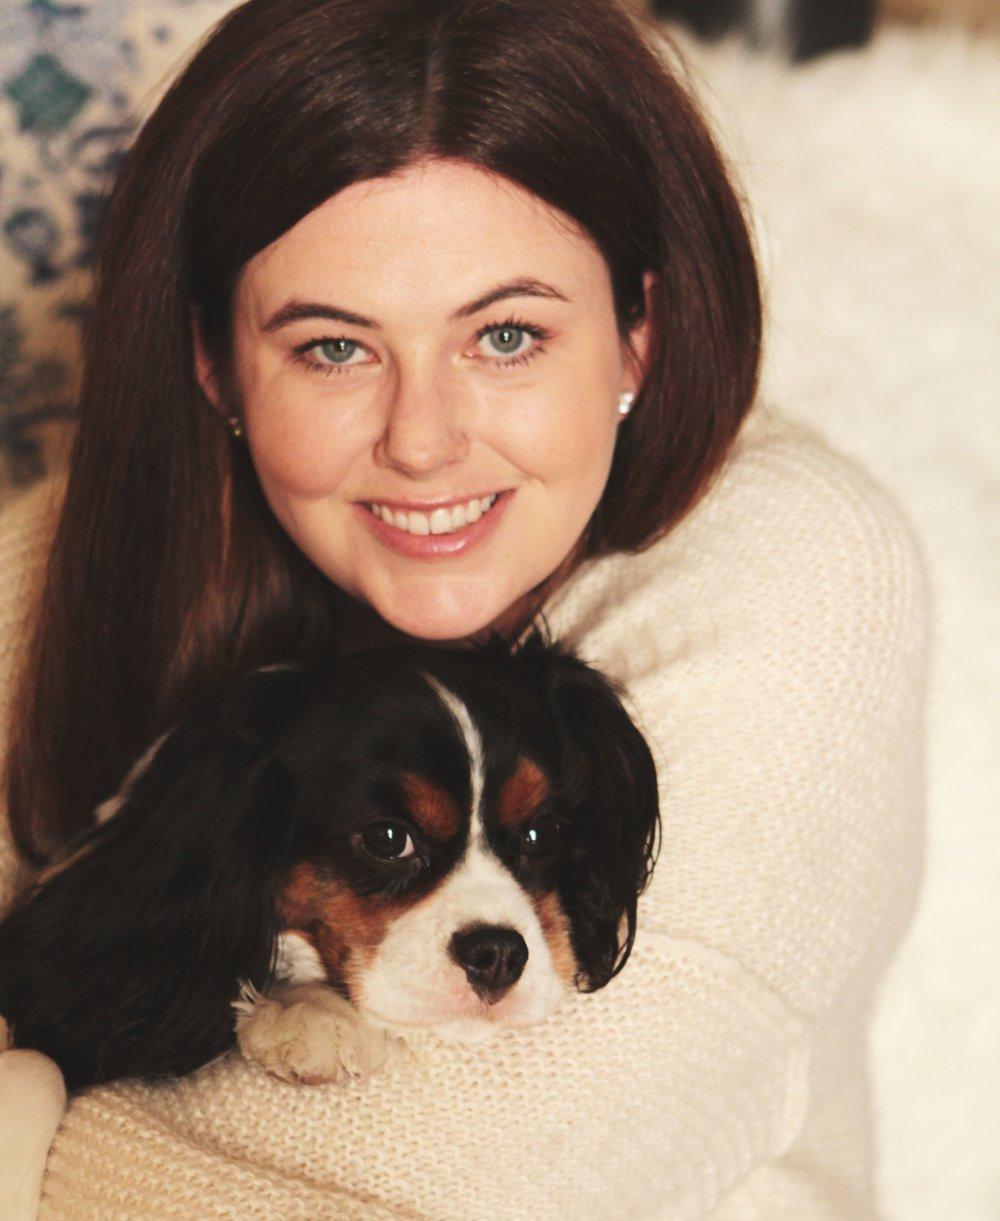 Meg Photo 2.jpg